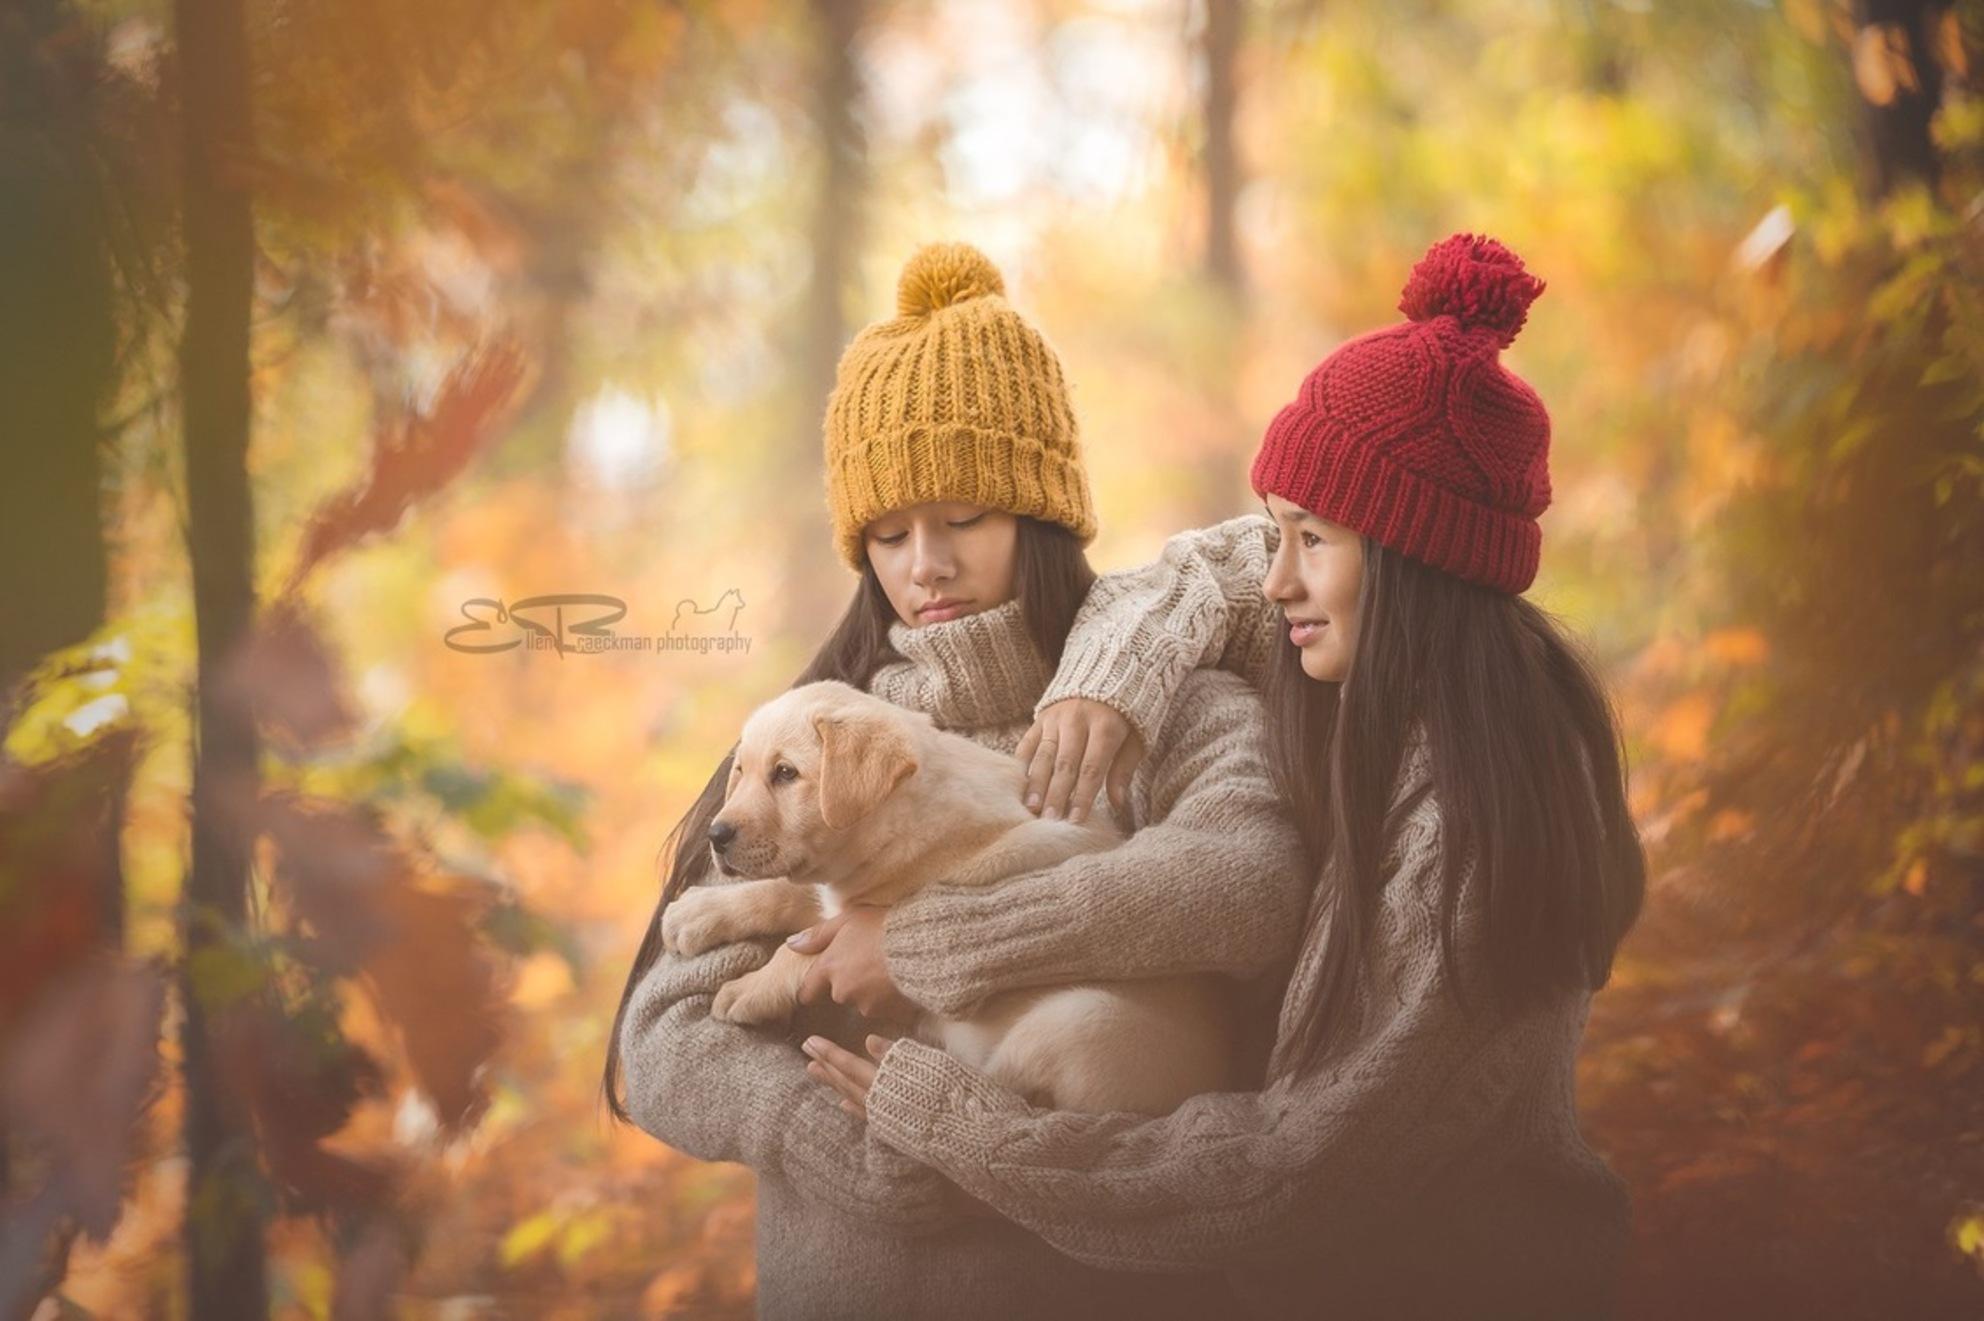 twins - - - foto door ellen-braeckman-photography op 29-10-2018 - deze foto bevat: mensen, herfst, portret, hond, daglicht, kind, kinderen, meisje, tweeling, labrador, fotoshoot - Deze foto mag gebruikt worden in een Zoom.nl publicatie